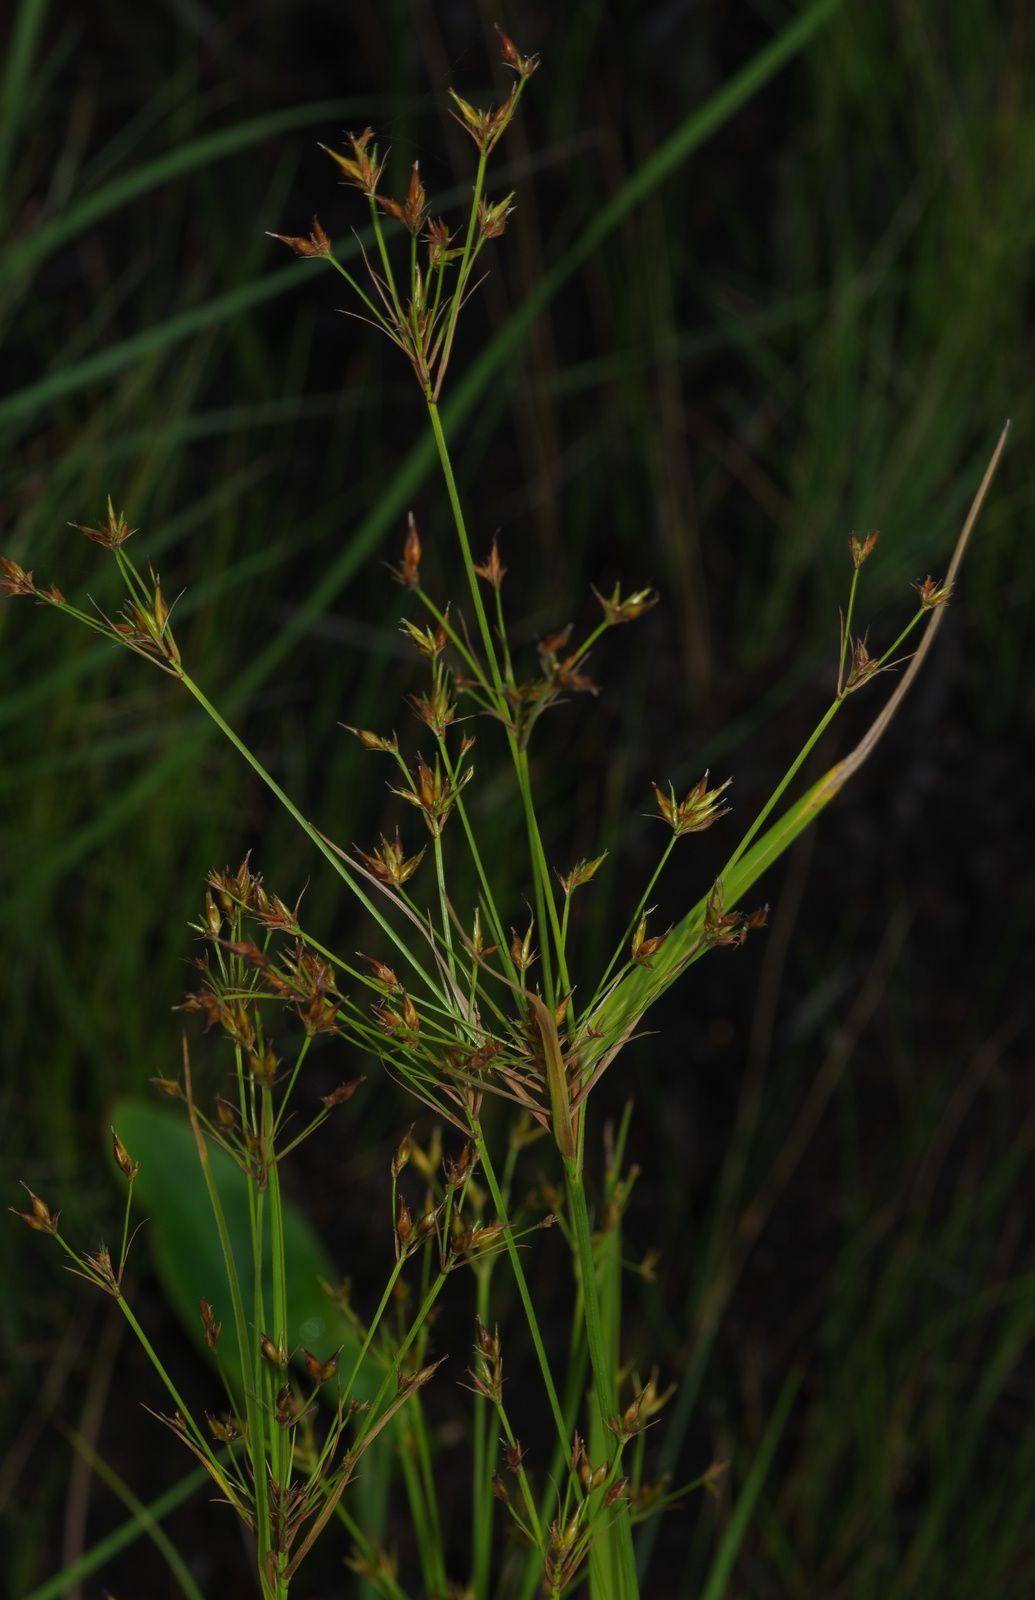 Rhynchospora triflora